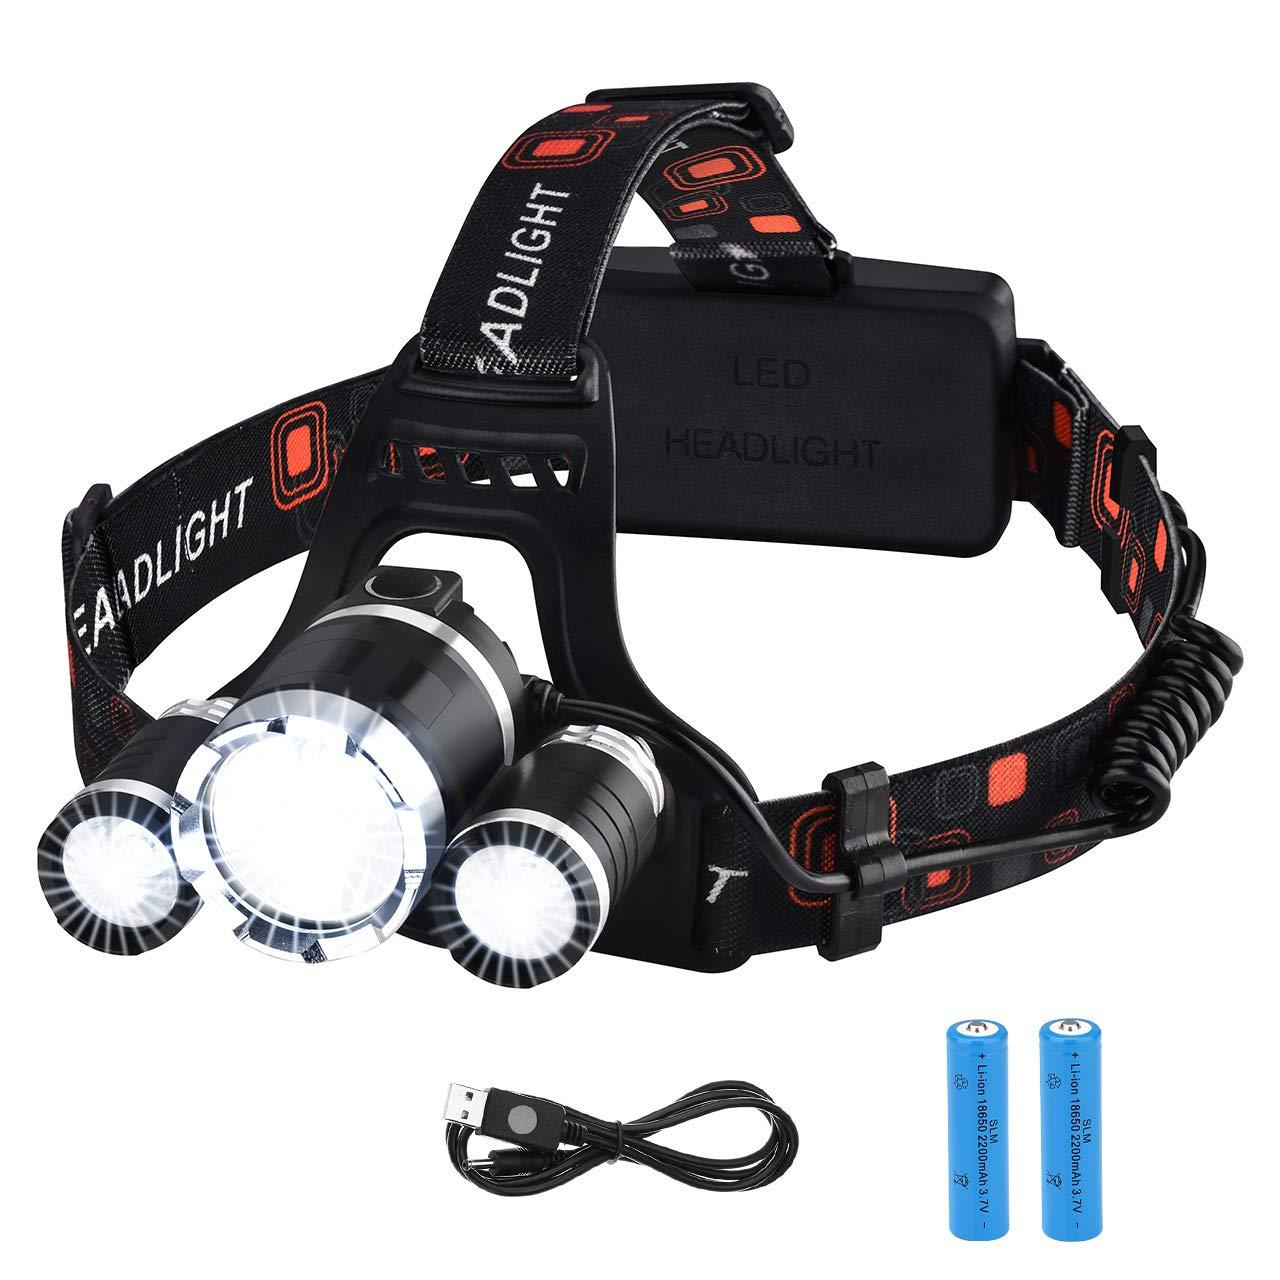 VicTsing Linterna Frontal LED, Alta Potencia 6000 Lúmenes, Tiene 4 Tipos de Luz,